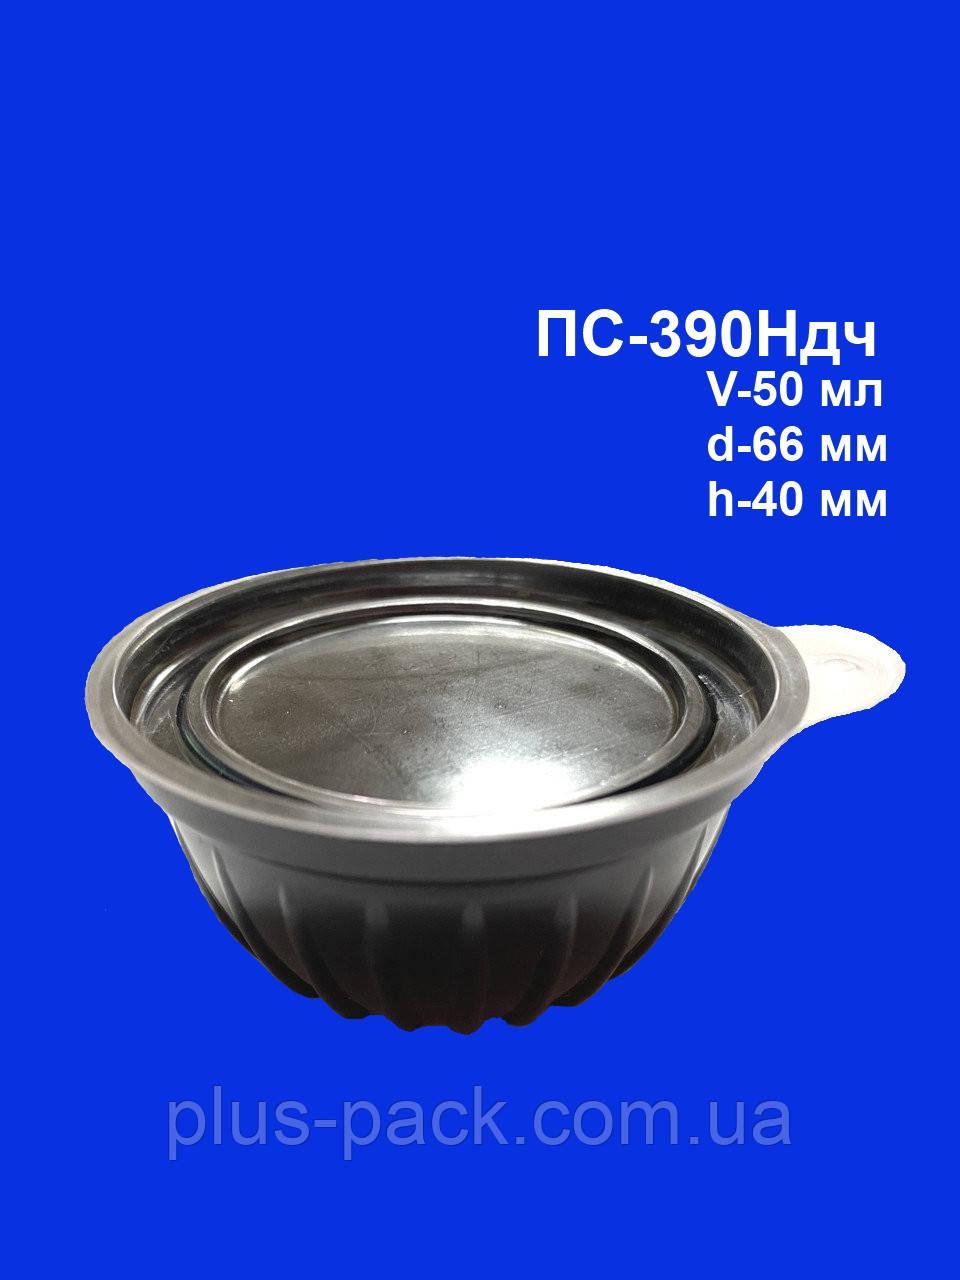 Одноразовая упаковка для соуса ПС-390Н дч с чёрным дном